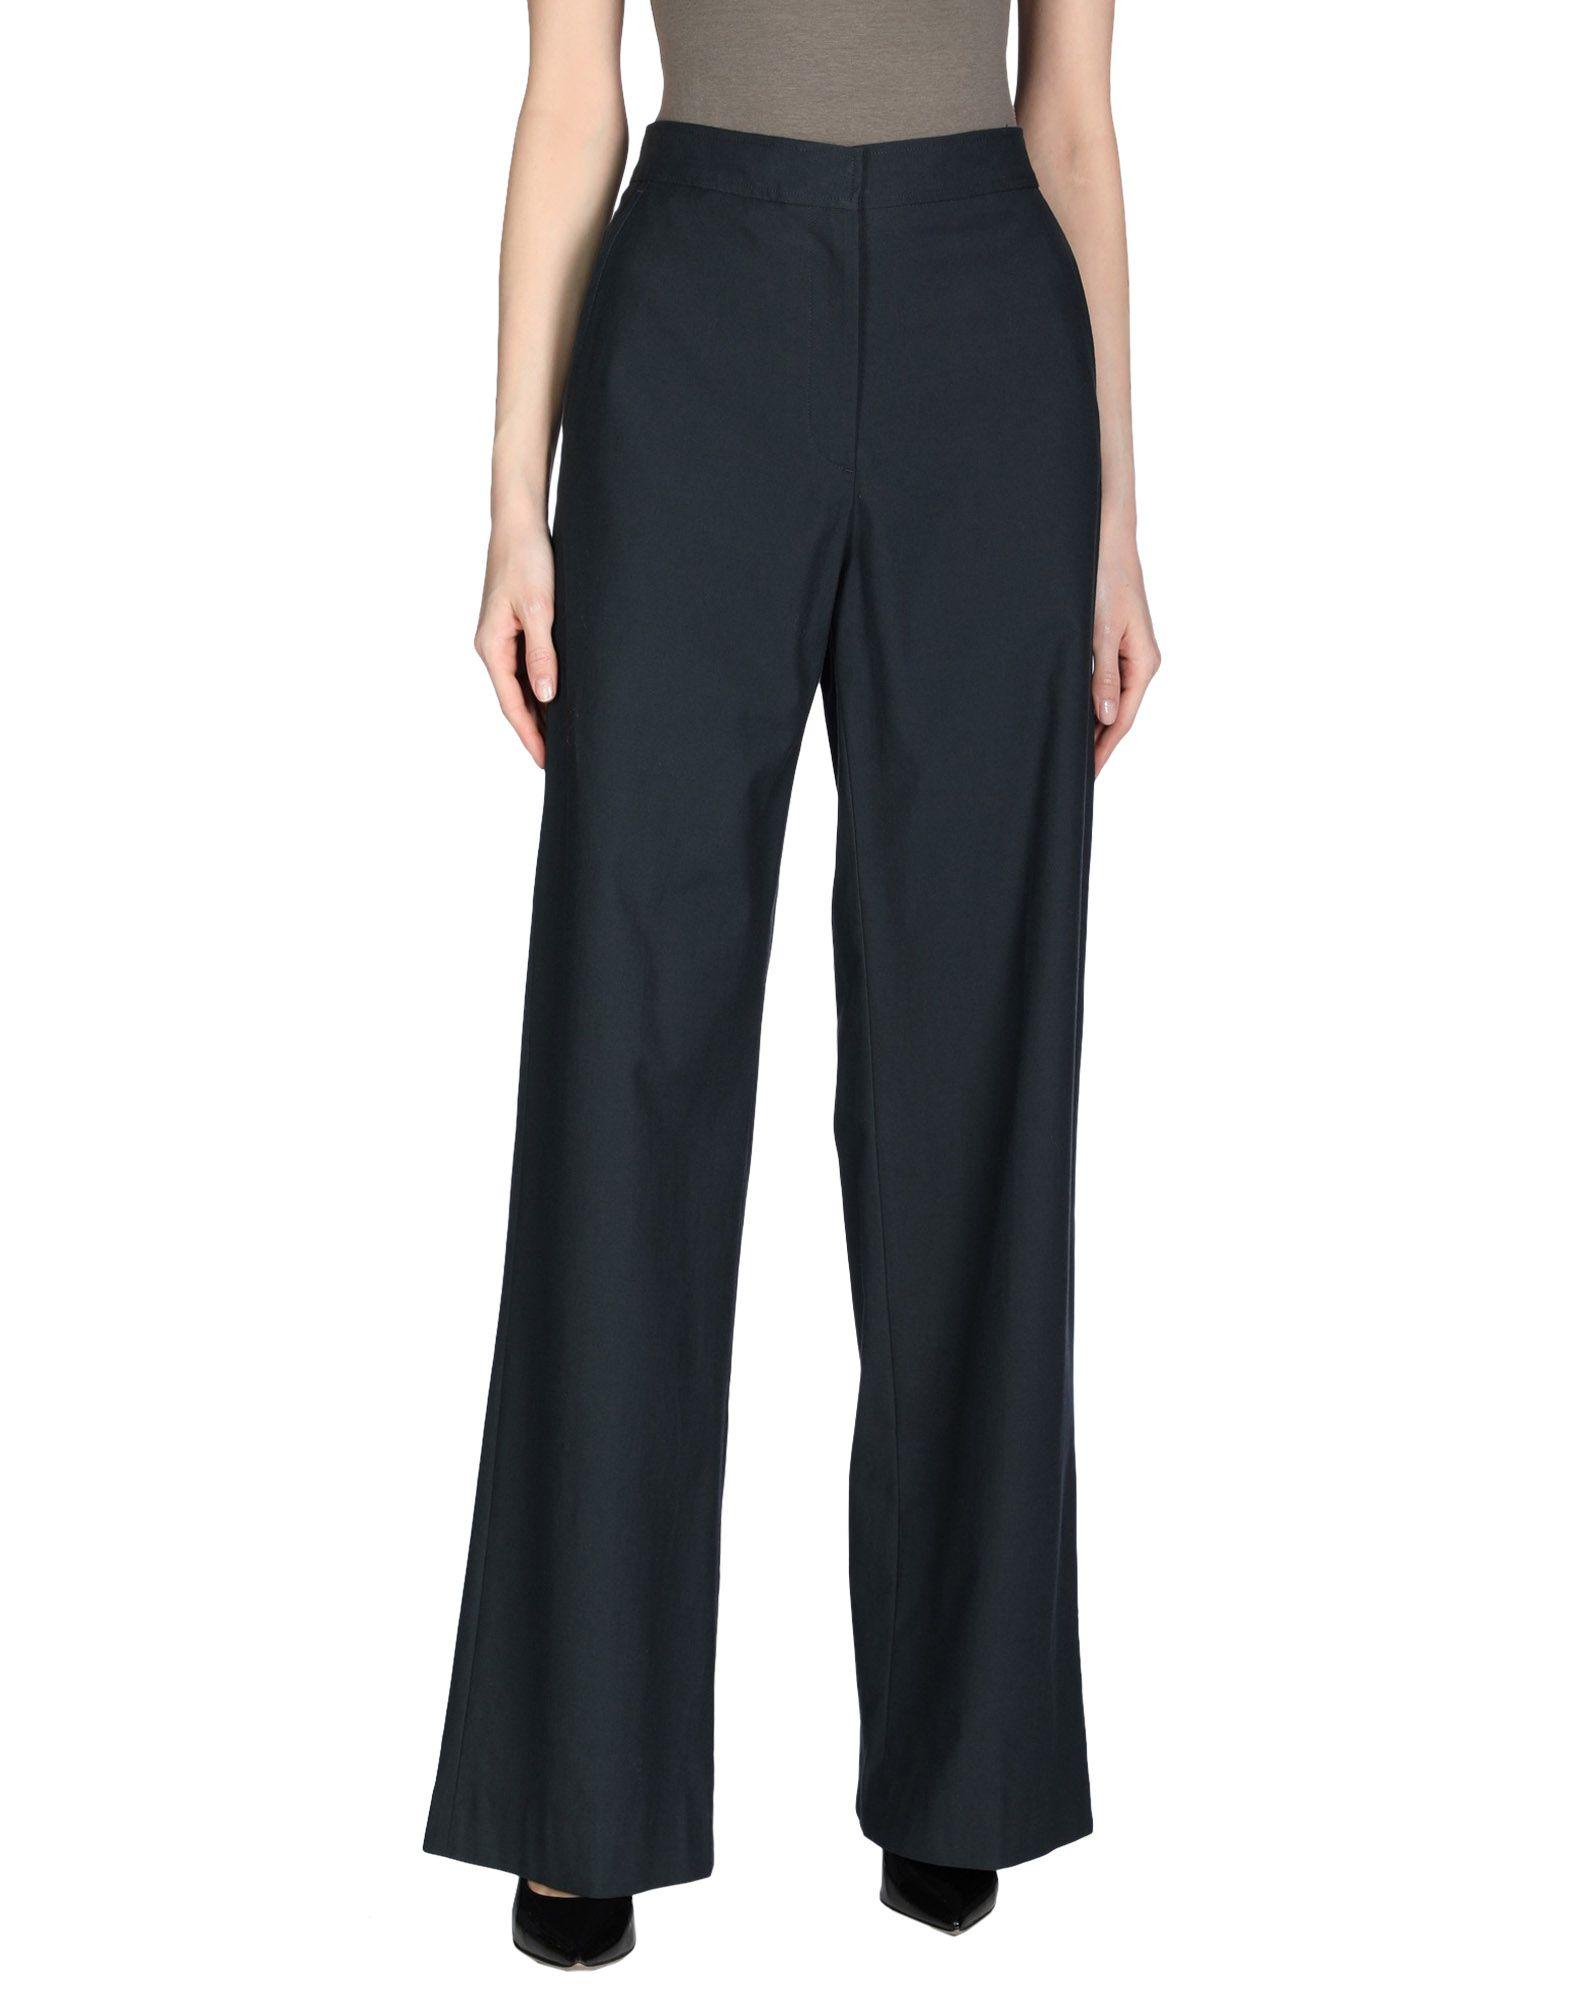 Pantalone Golden Goose Deluxe Brand Donna - Acquista online su kdsC2Pia8